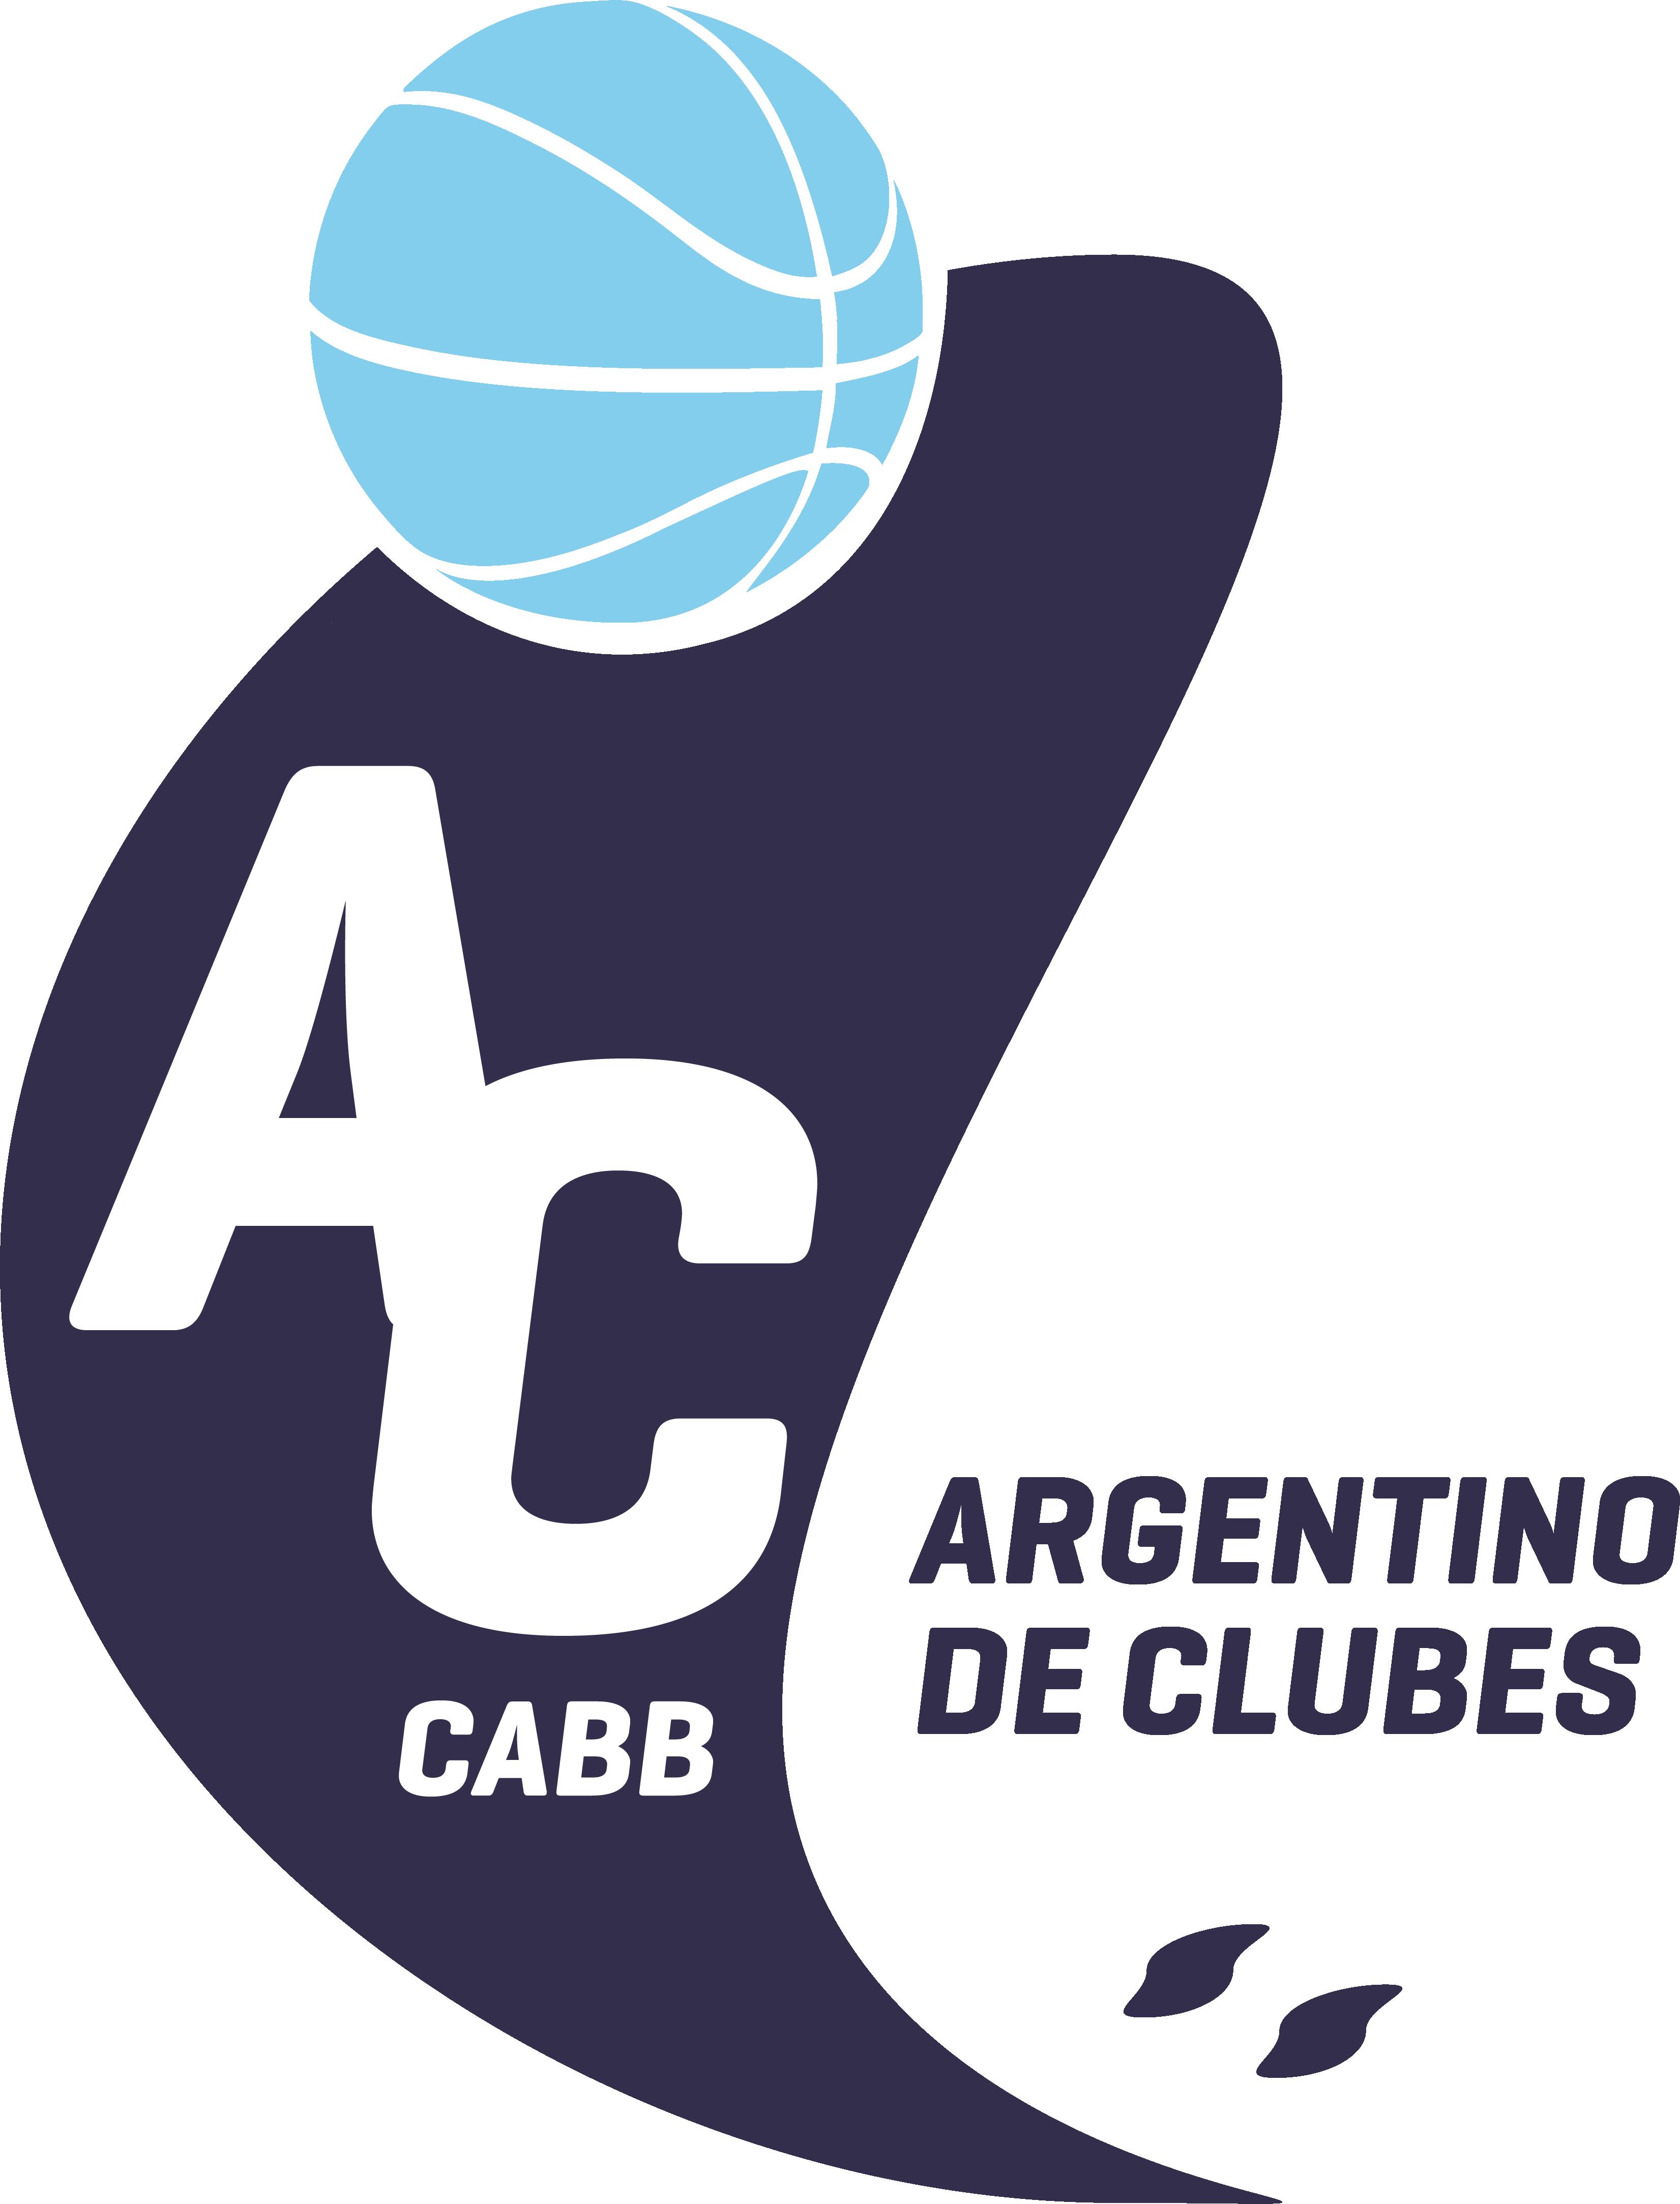 Las fechas de inscripción para los Argentinos de Clubes Femeninos